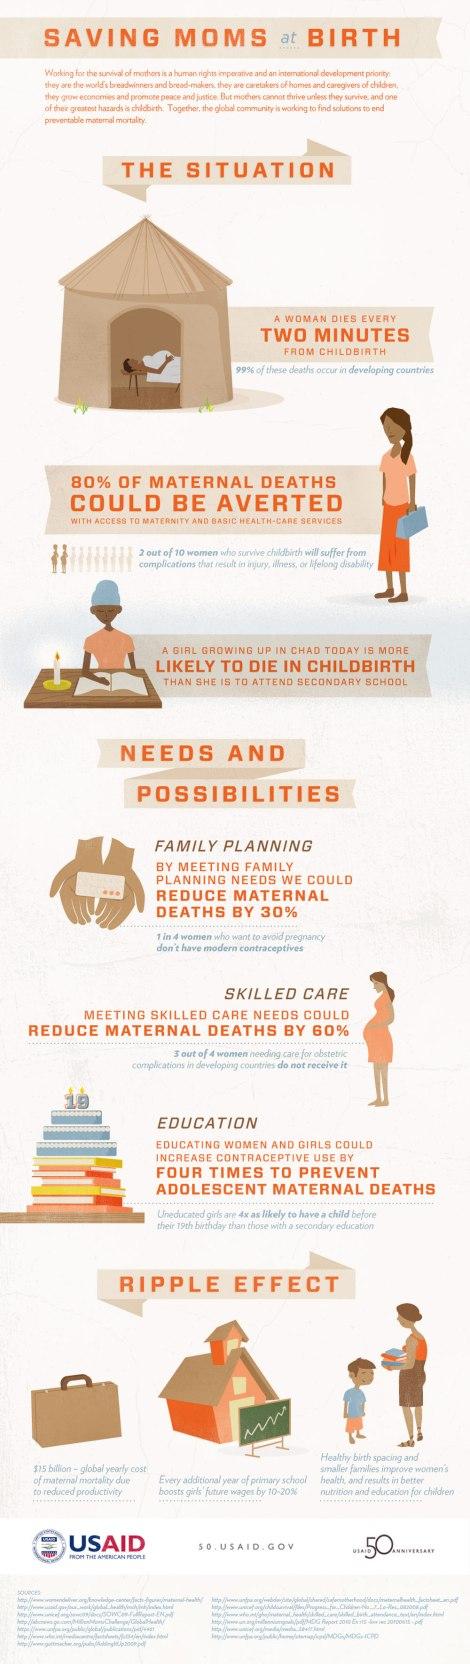 savingatbirth-1000